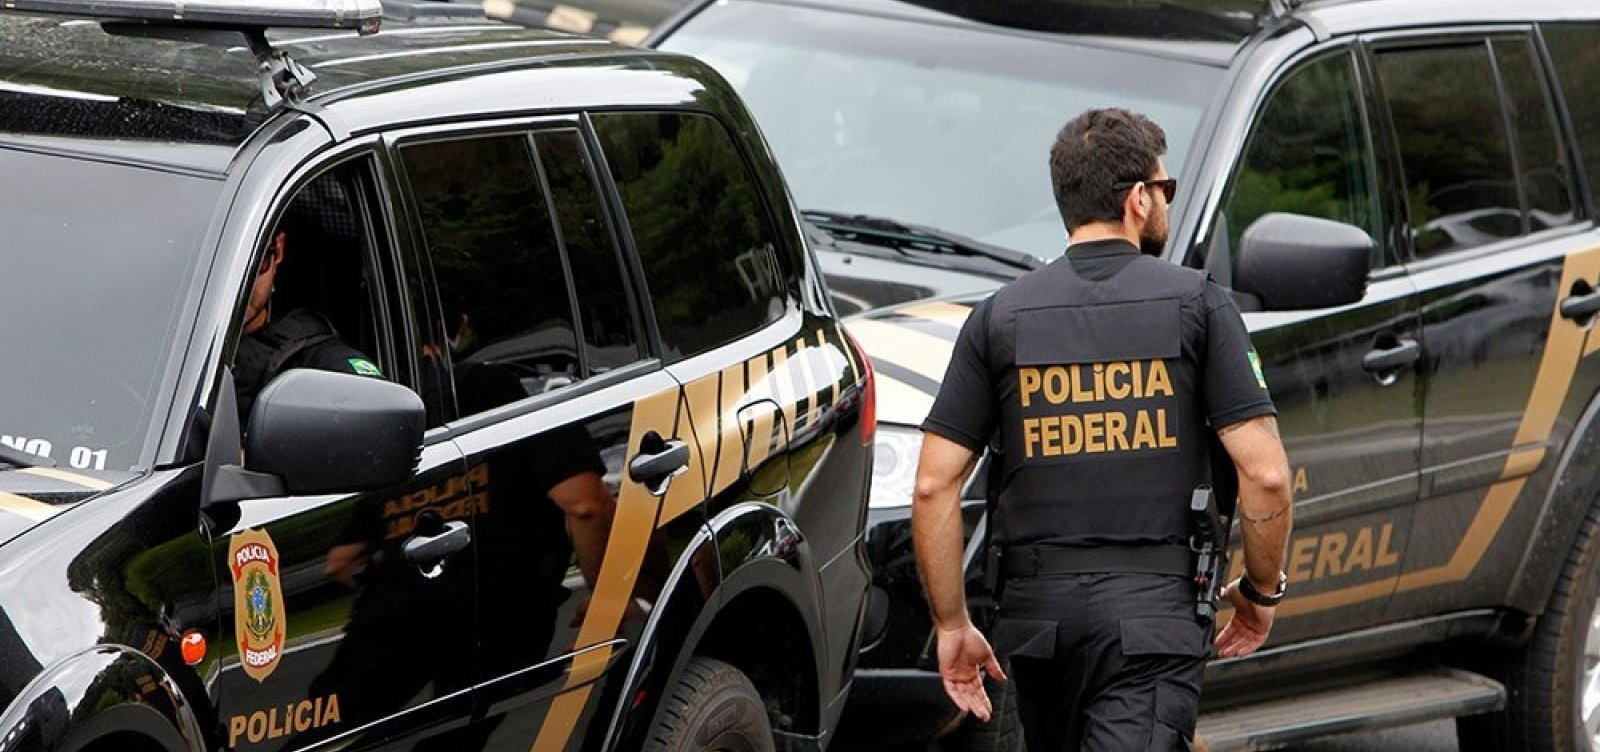 PF cumpre 13 mandados em 2ª fase de operação que mira vereador de Vitória  da Conquista - Metro 1